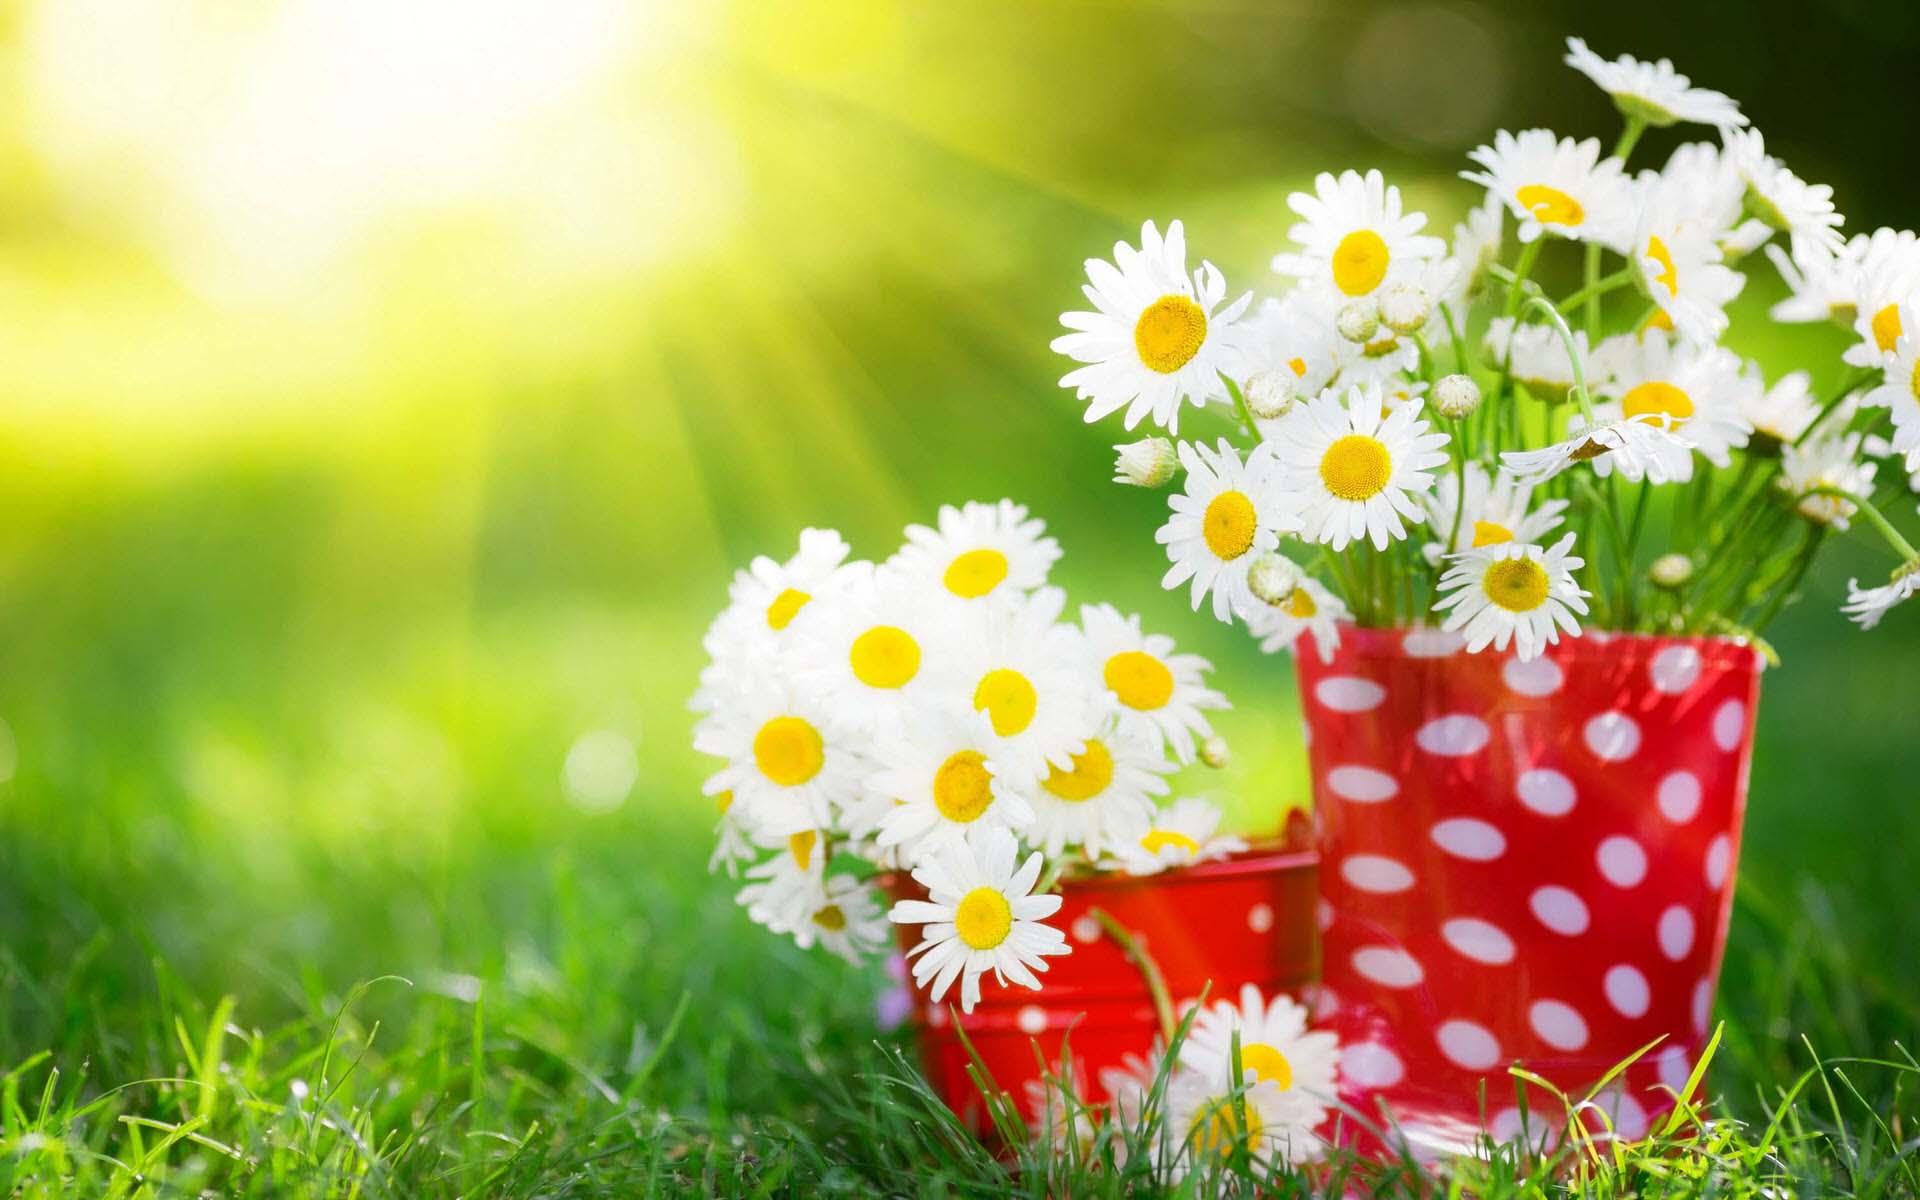 Cute flower wallpaper HD